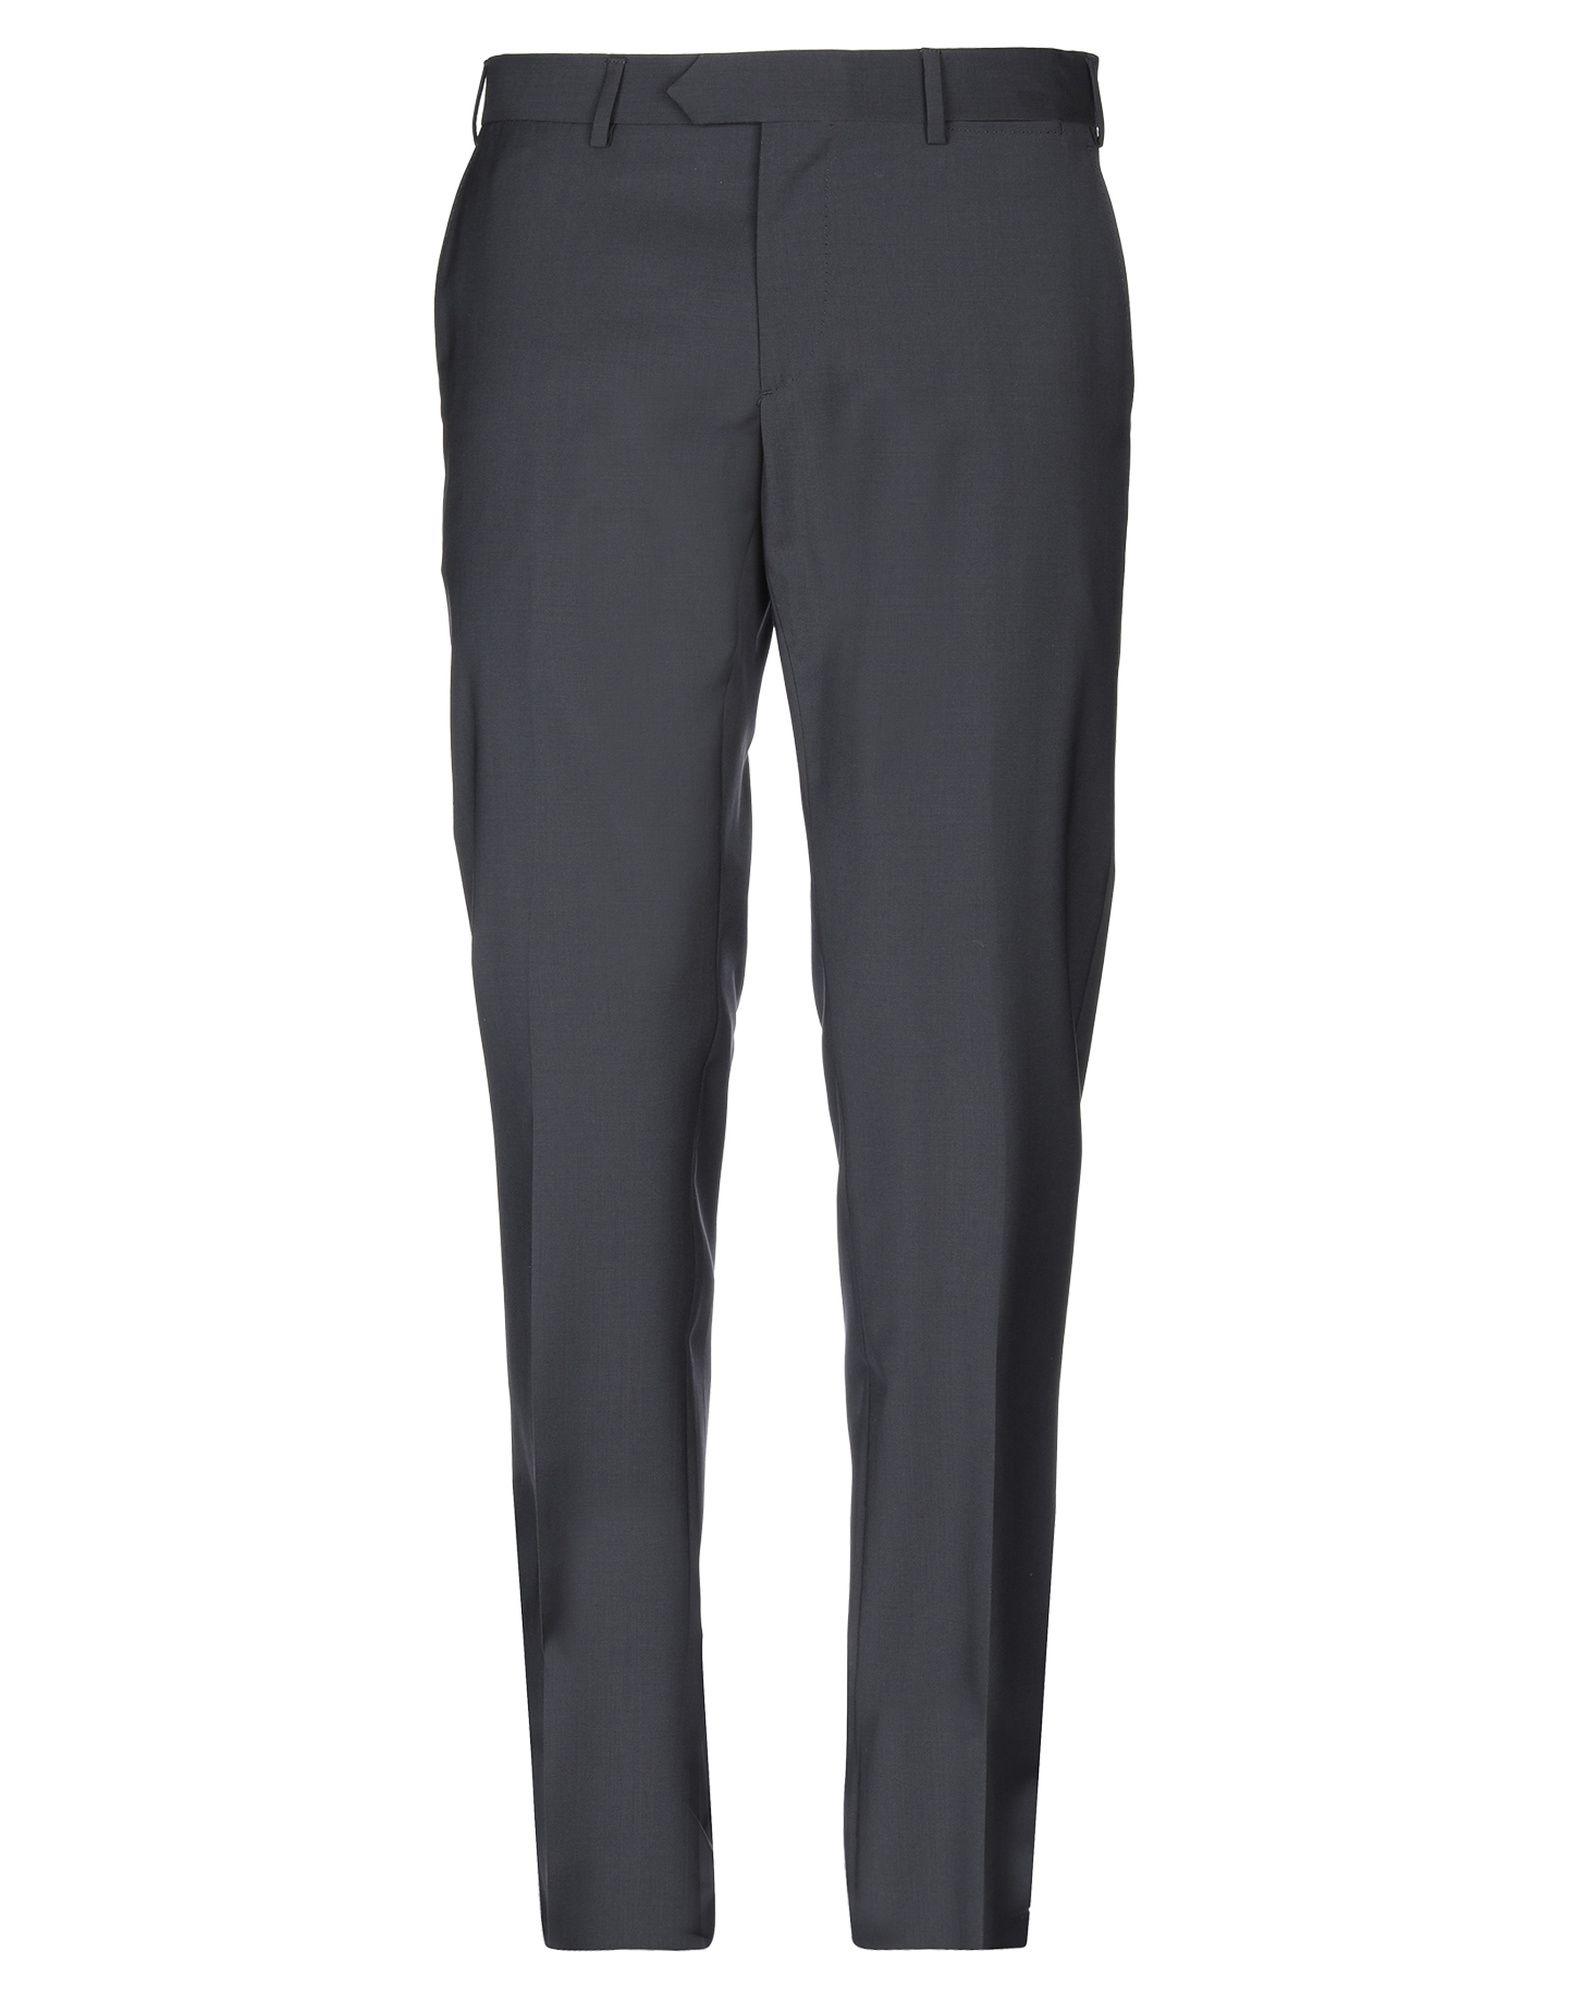 《送料無料》SANTANIELLO Napoli メンズ パンツ スチールグレー 52 ウール 100%